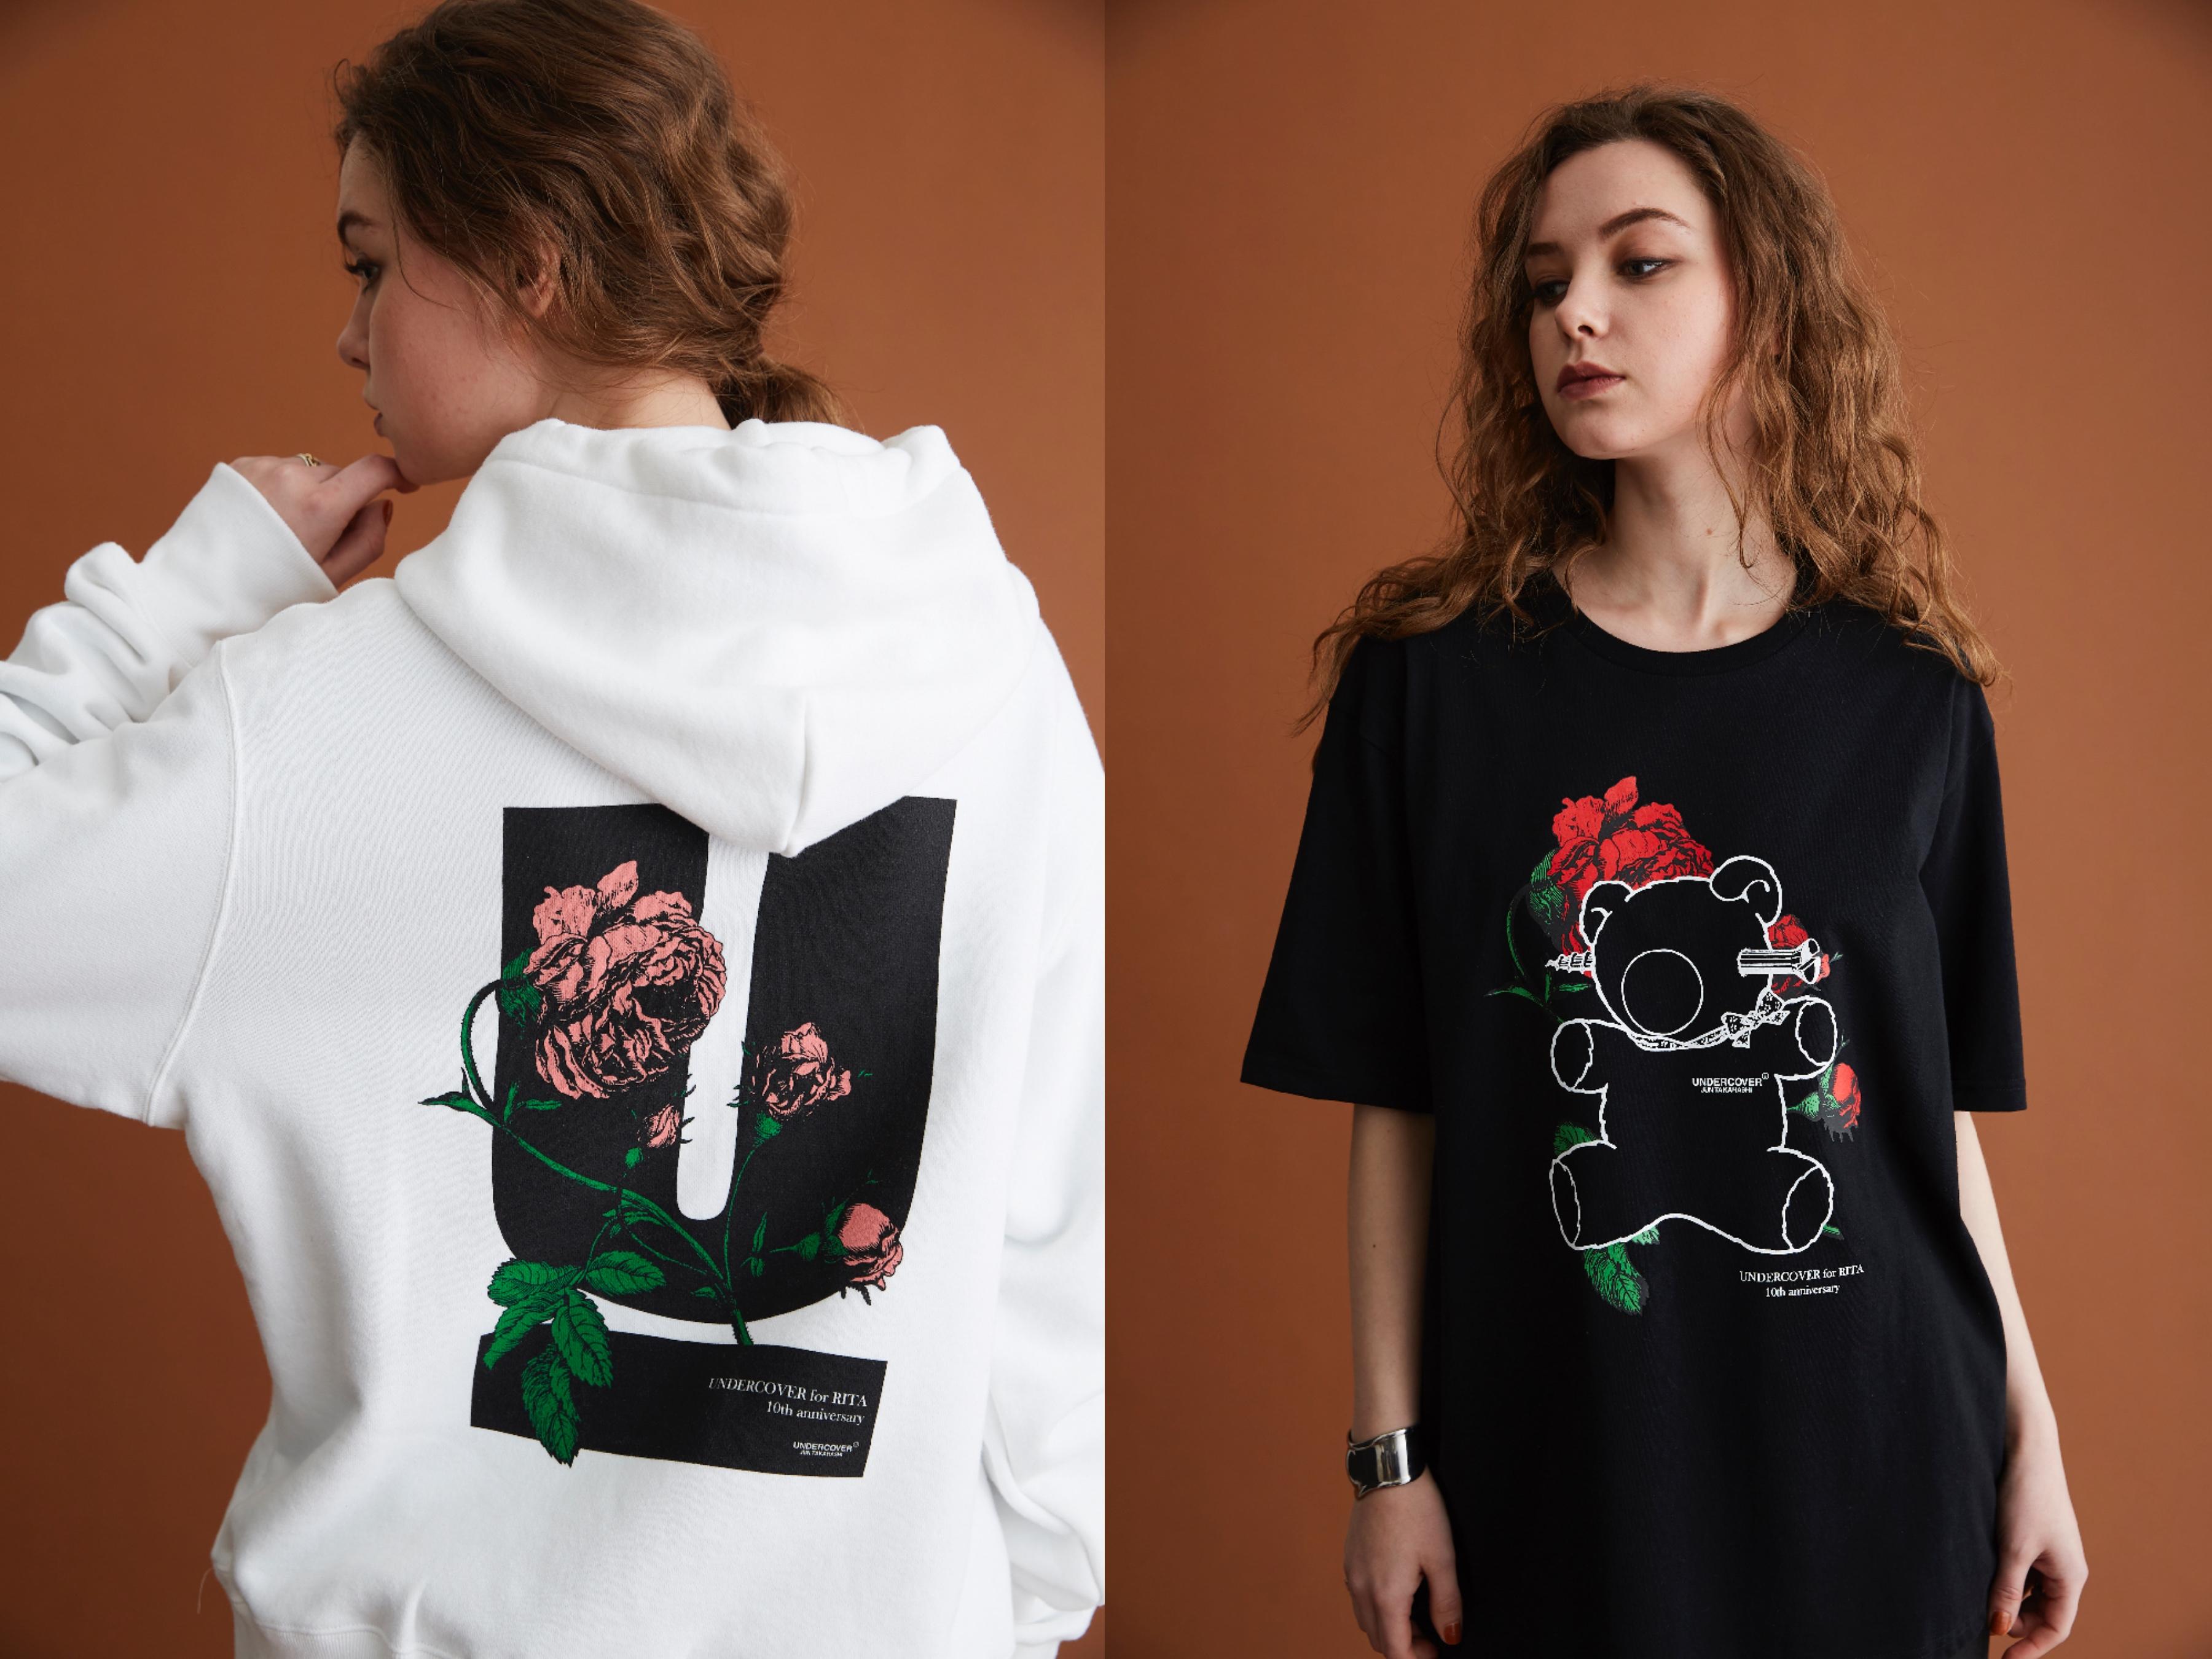 """新生RITAとUNDERCOVERがコラボレーション! お馴染みの""""U""""ロゴに薔薇を配した限定アイテムは完売必至です。"""